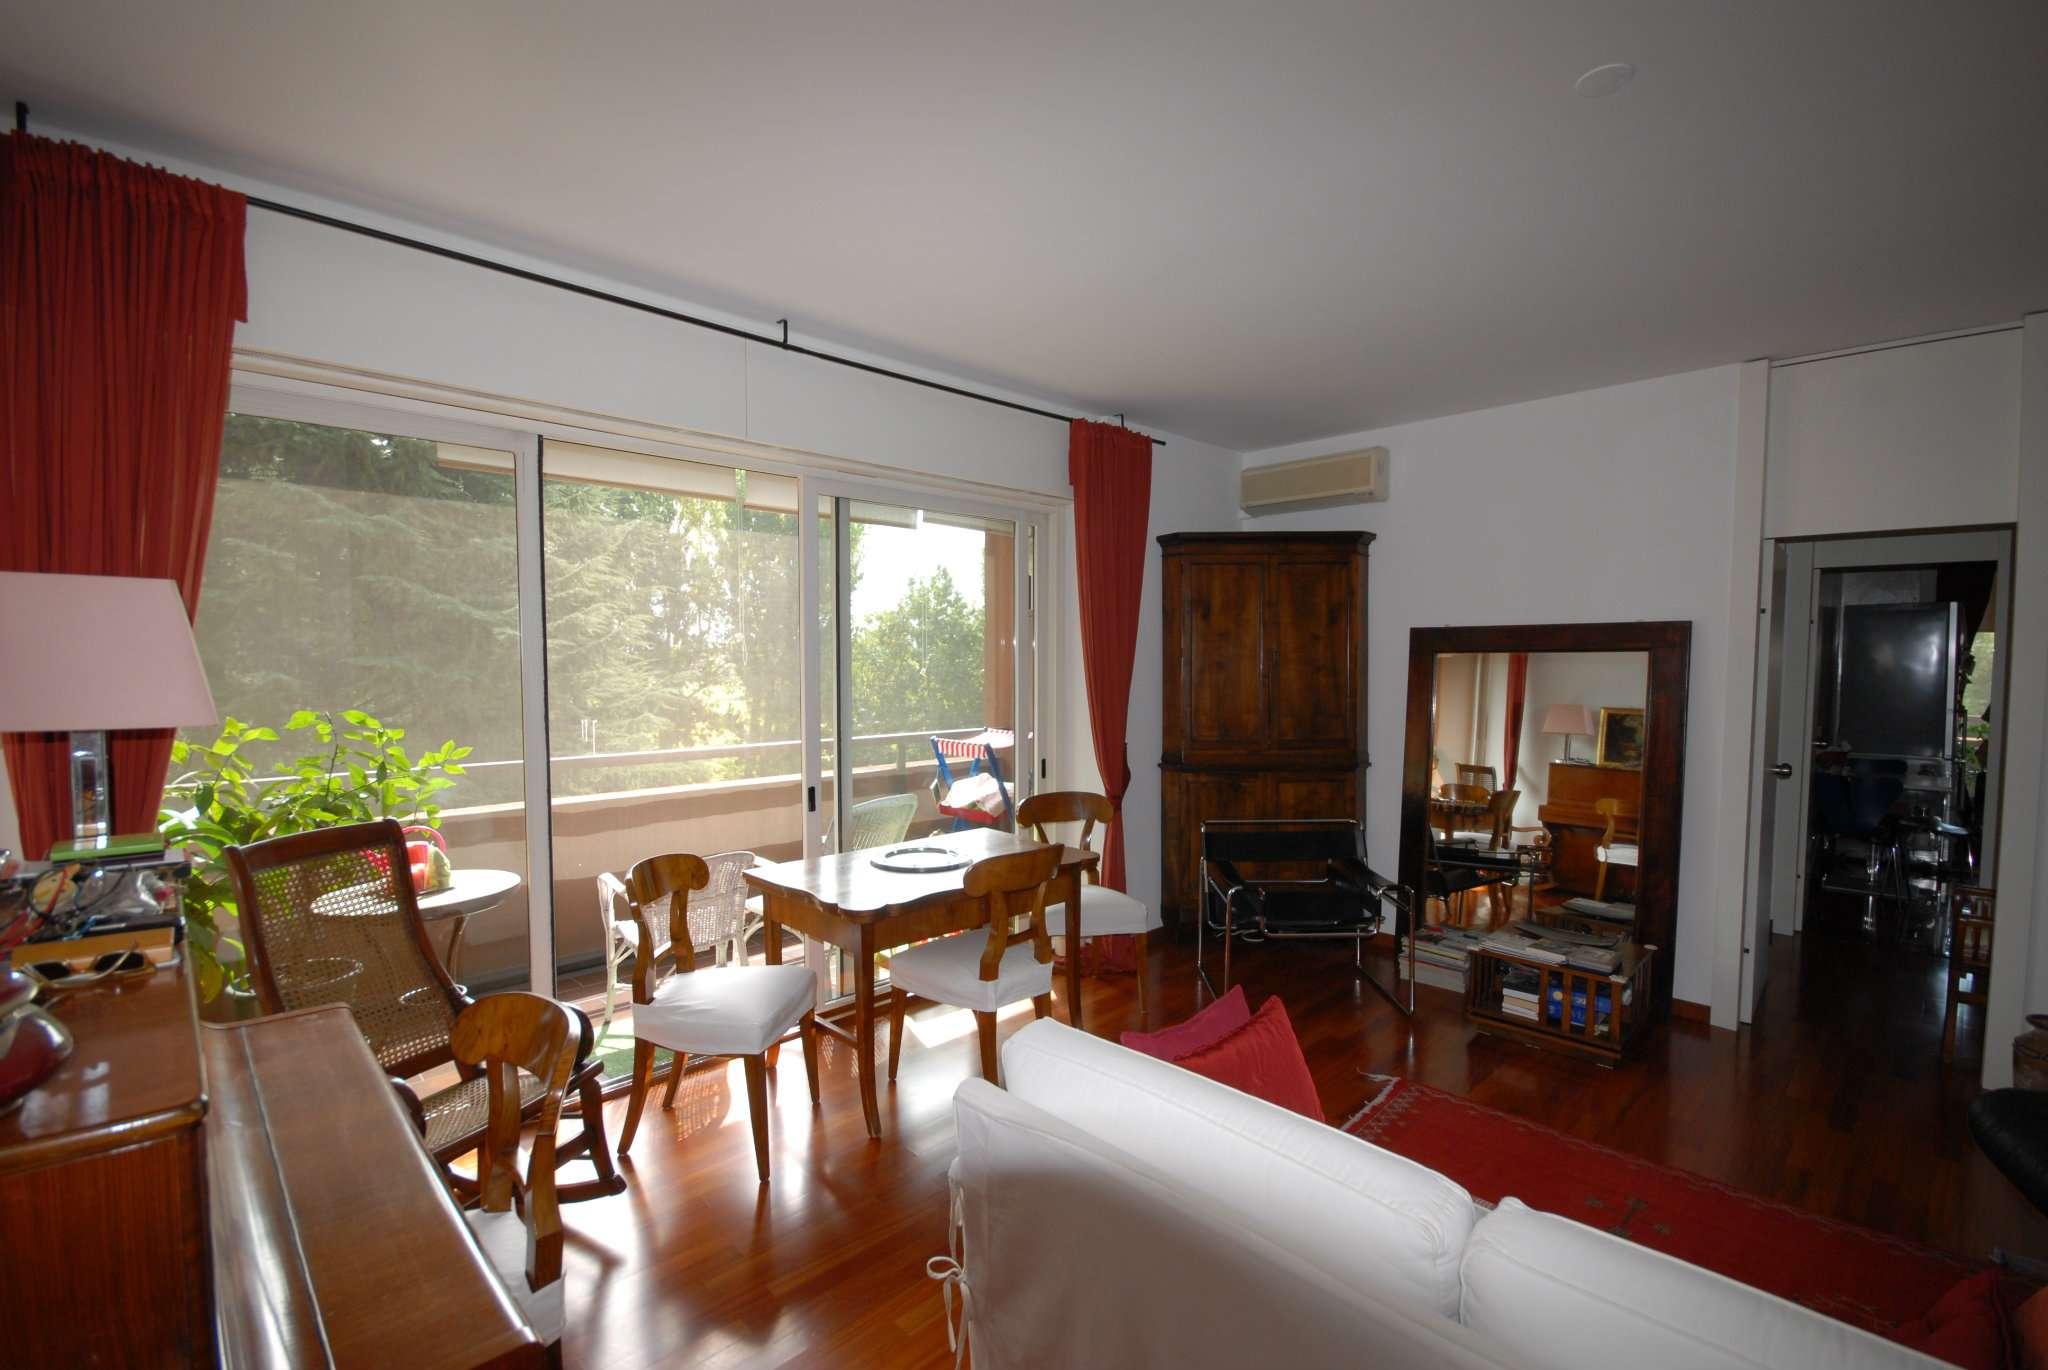 Appartamento in affitto a Basiglio, 2 locali, prezzo € 800 | CambioCasa.it